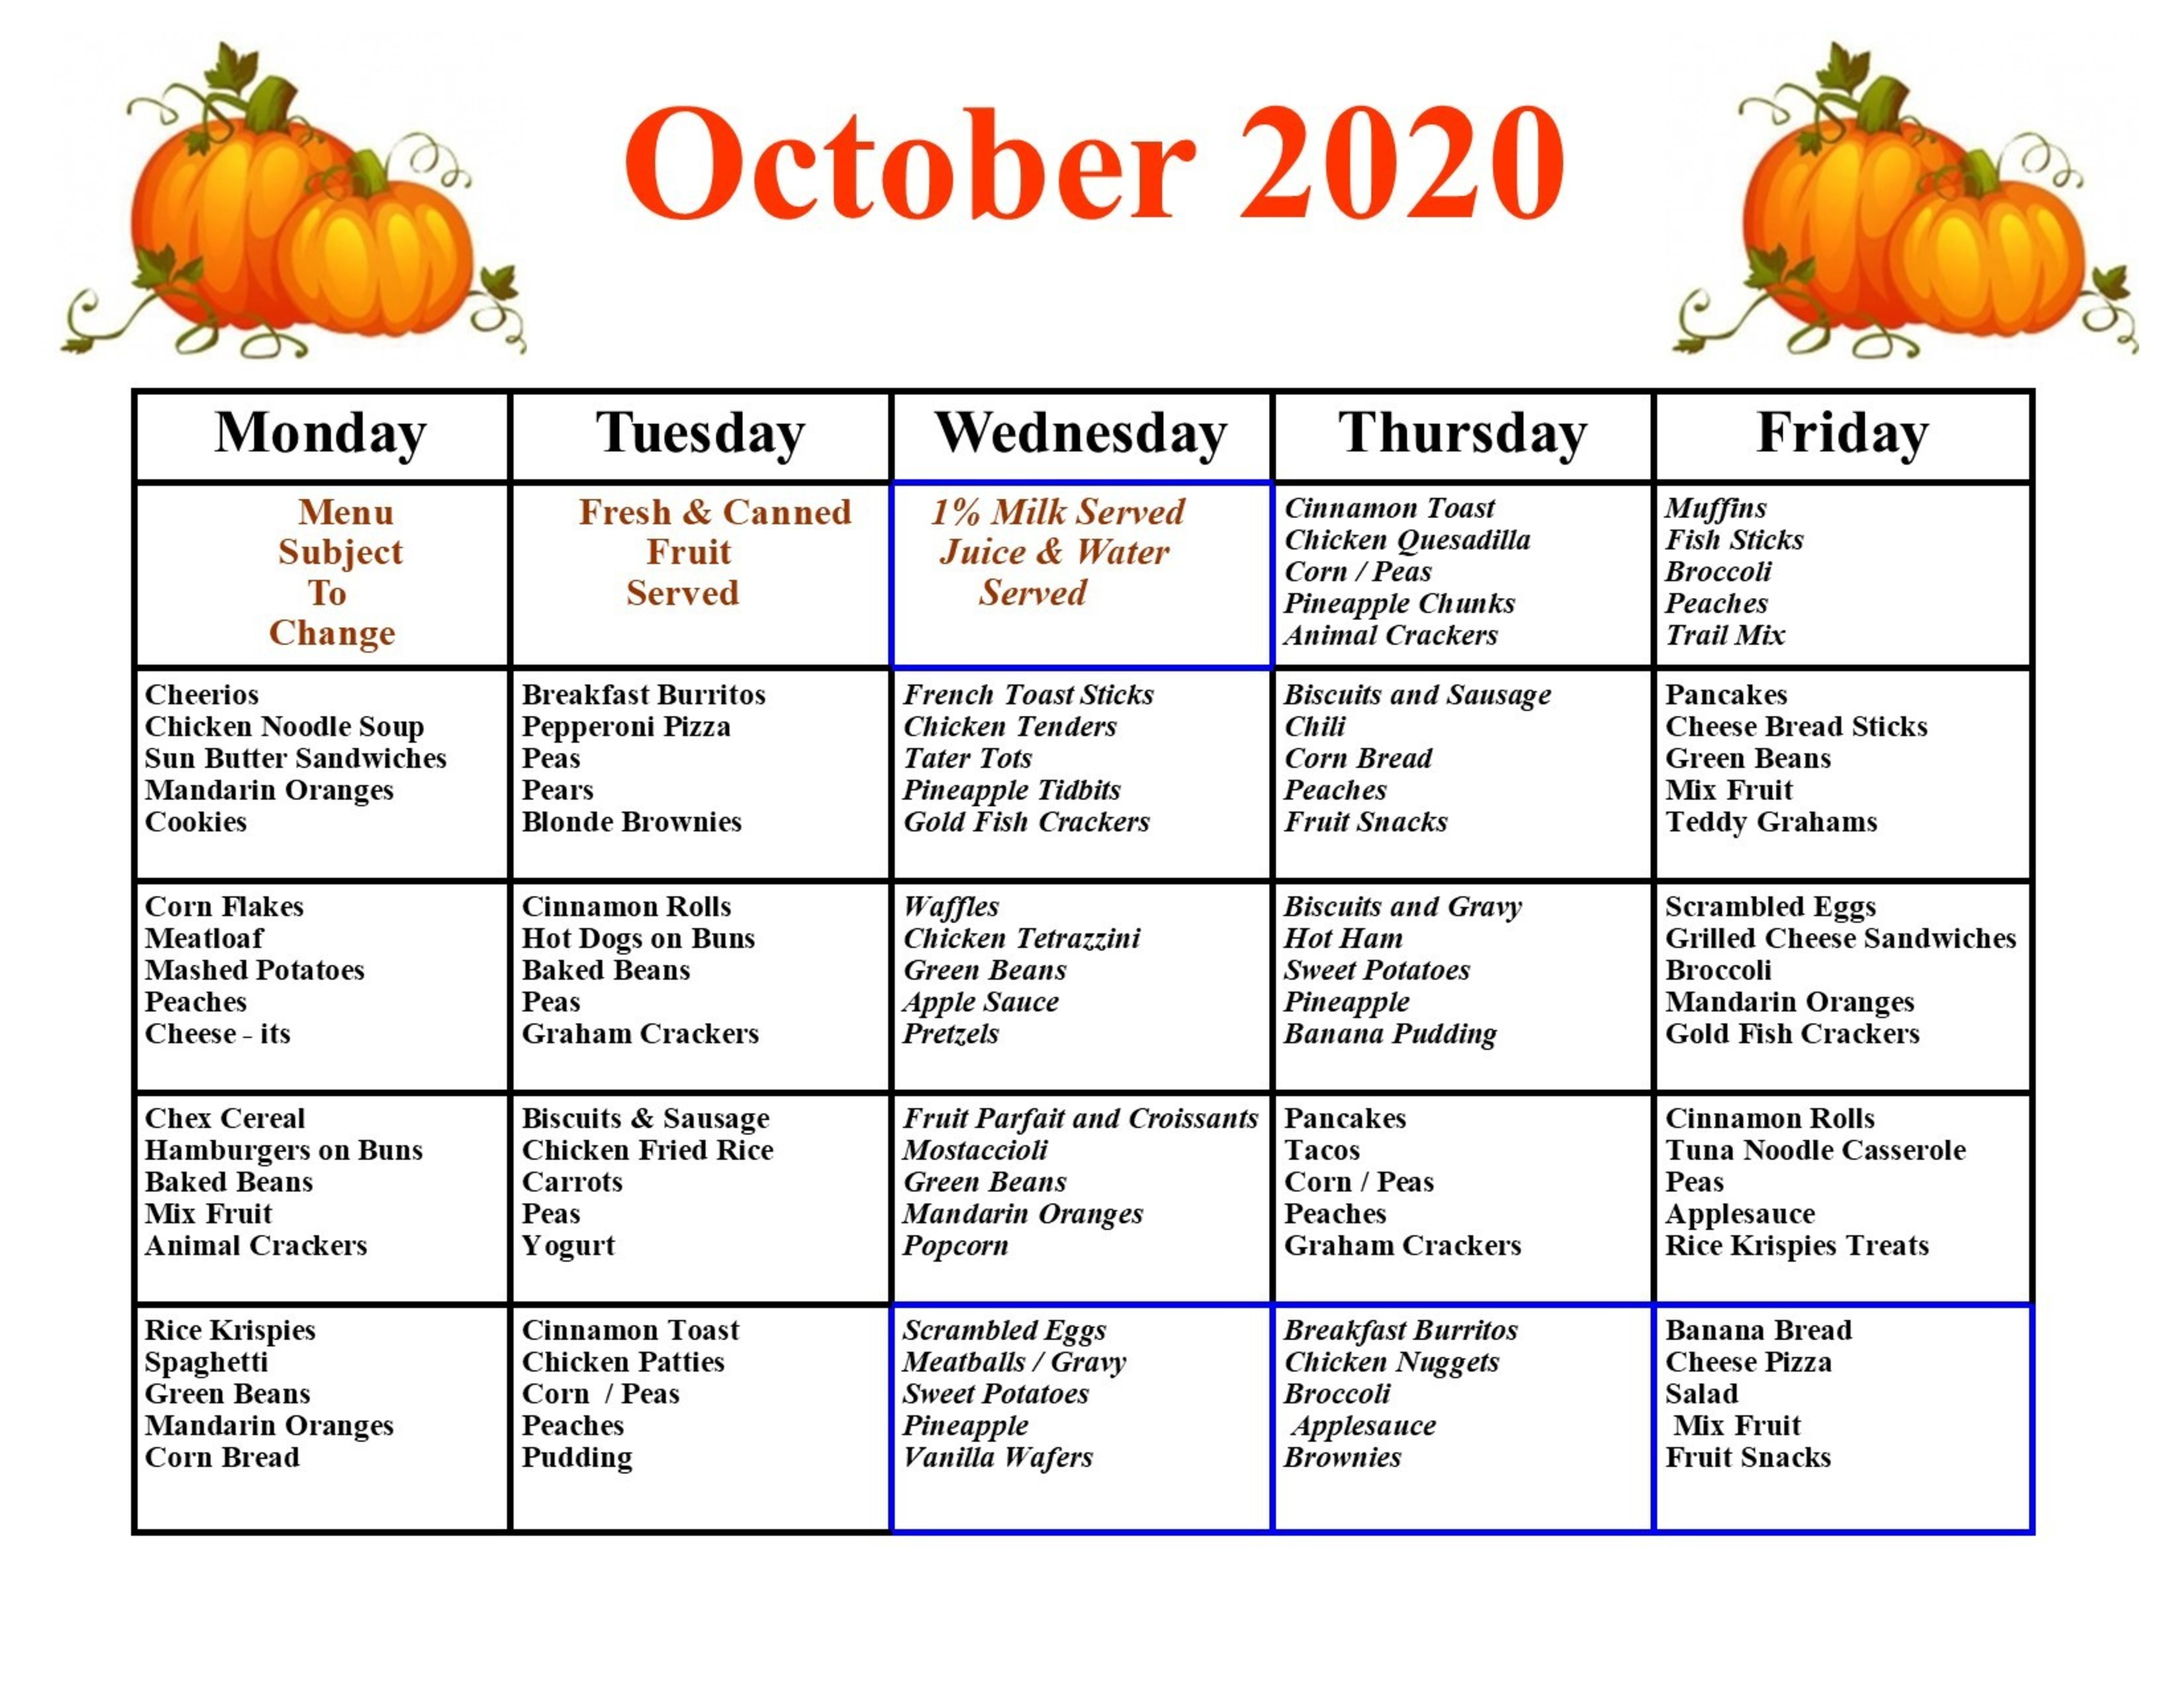 October Menue